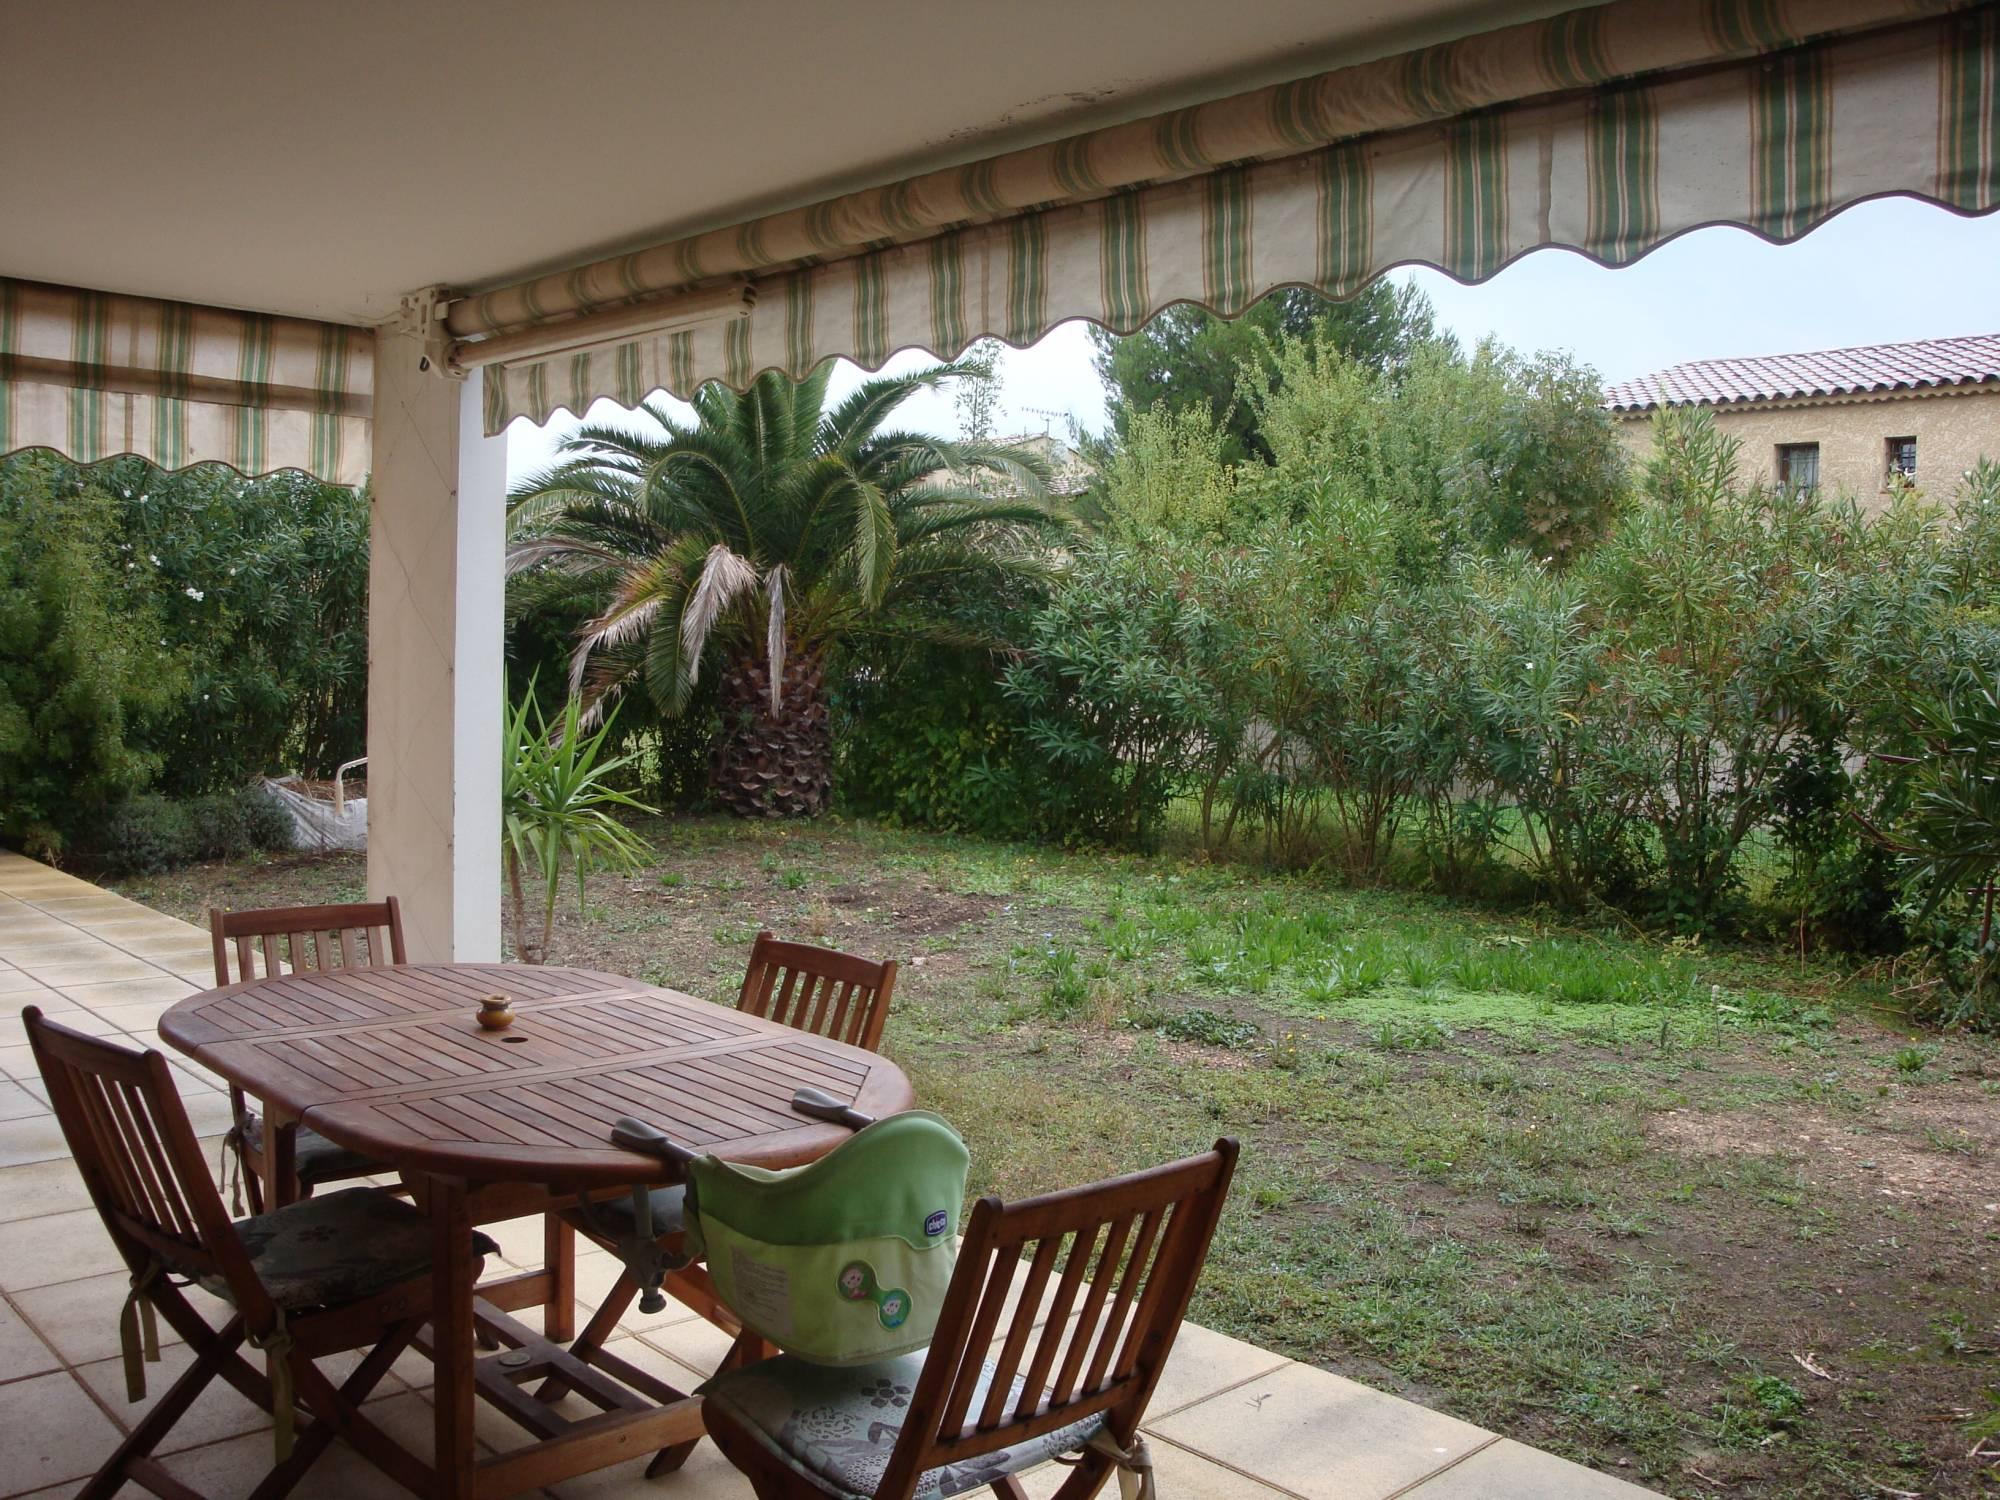 Location Appartement Rez De Jardin tout Appartement Rez De Jardin Dijon